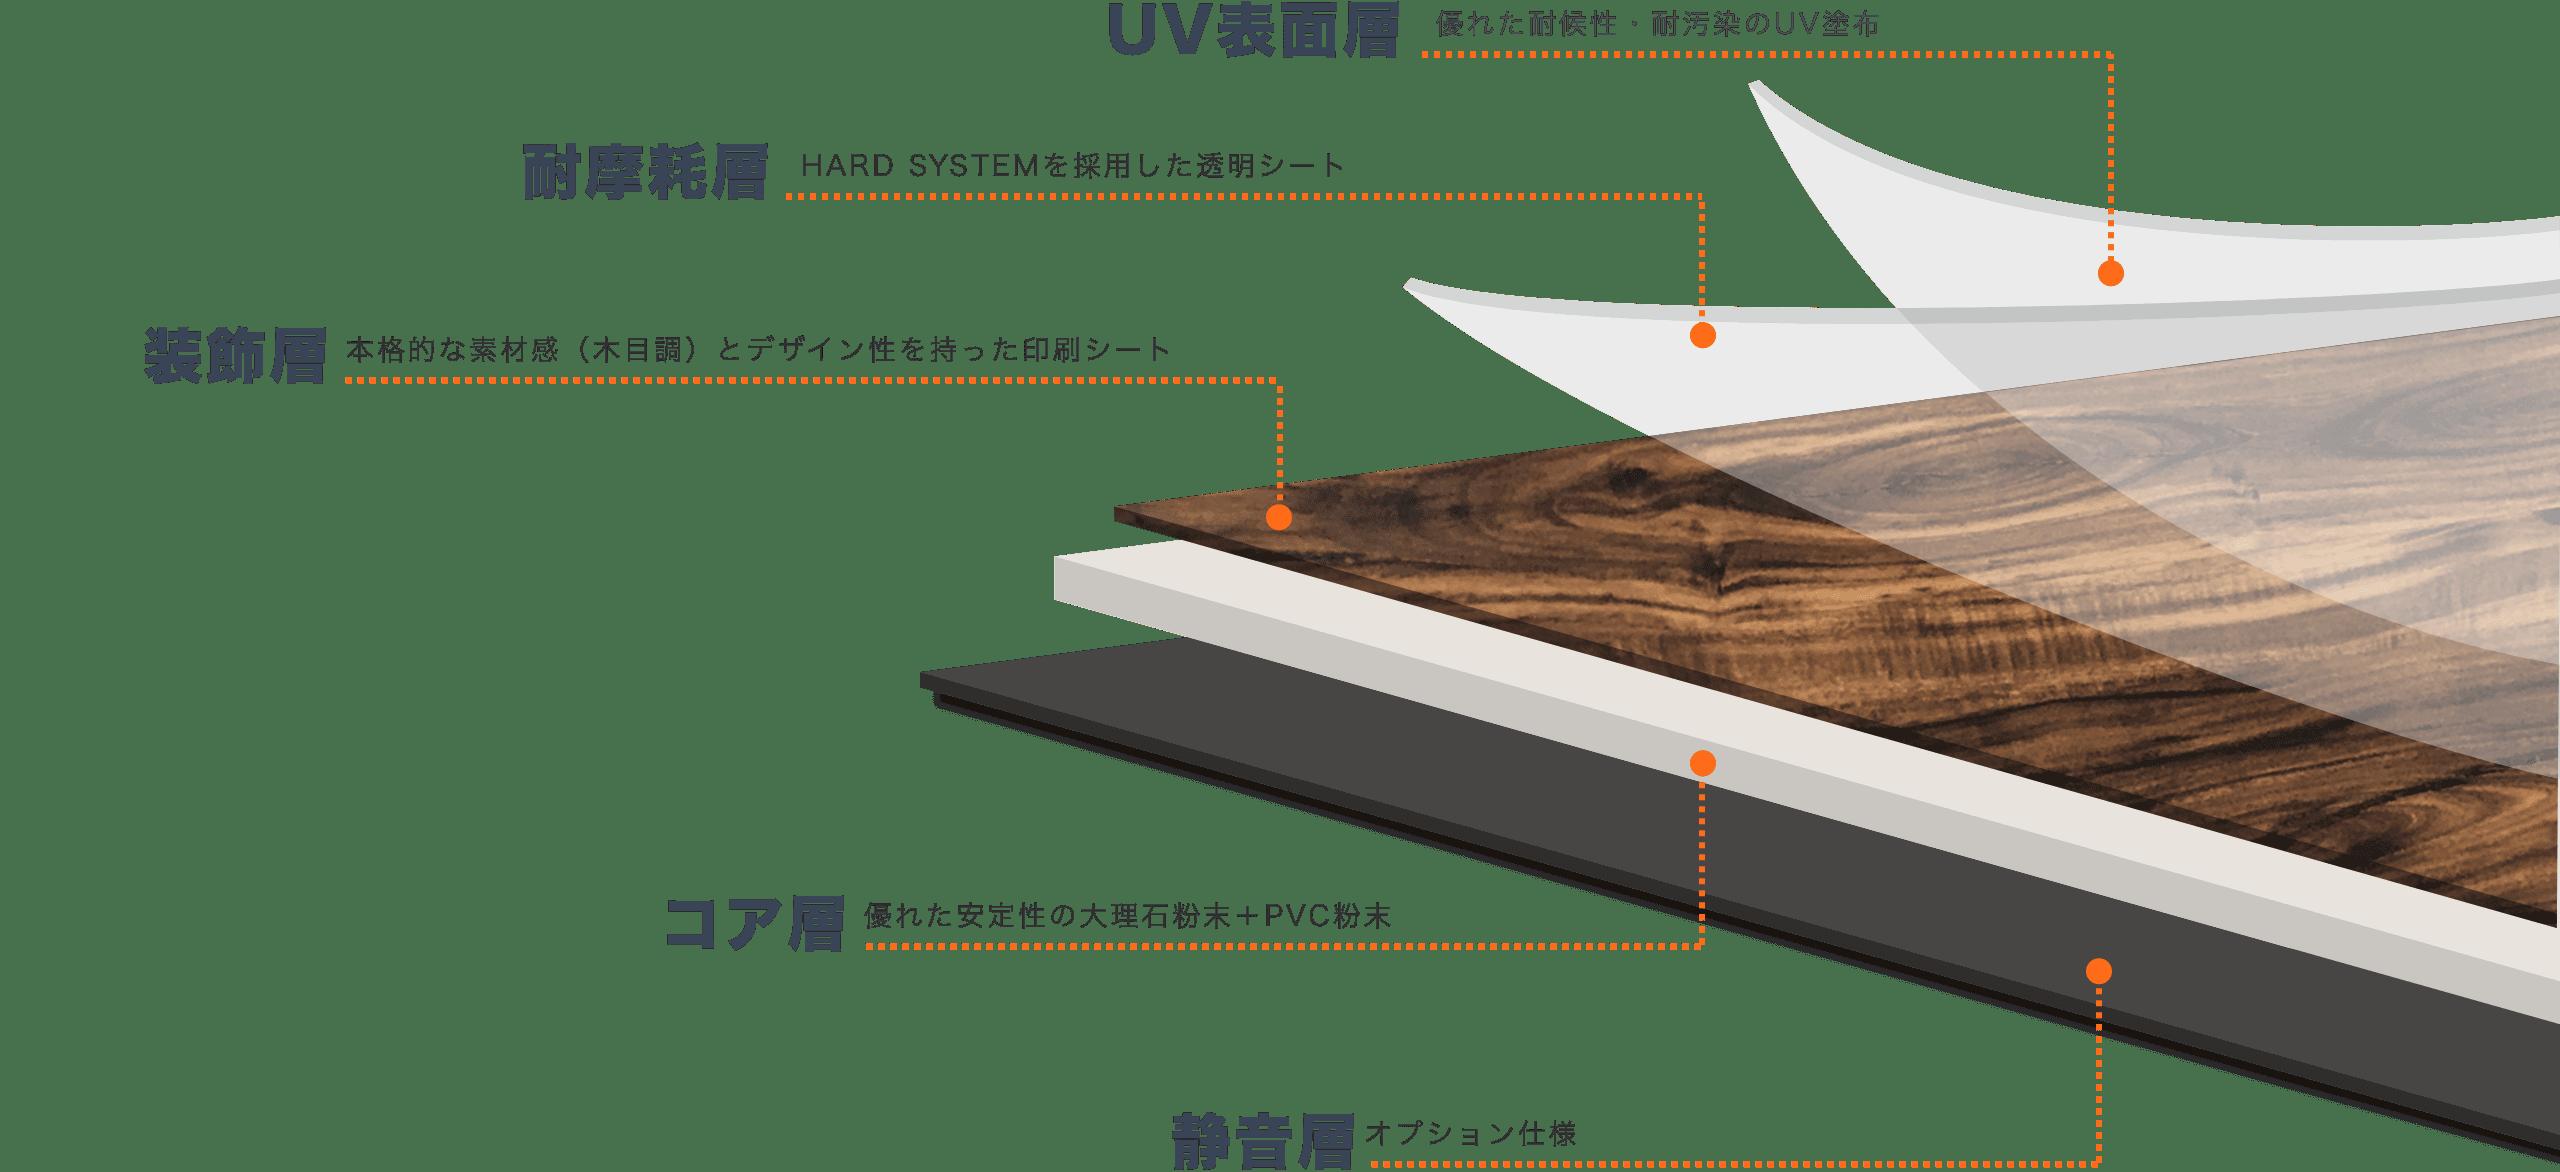 木目調エコストーンフローリング(SPC)の構造画像